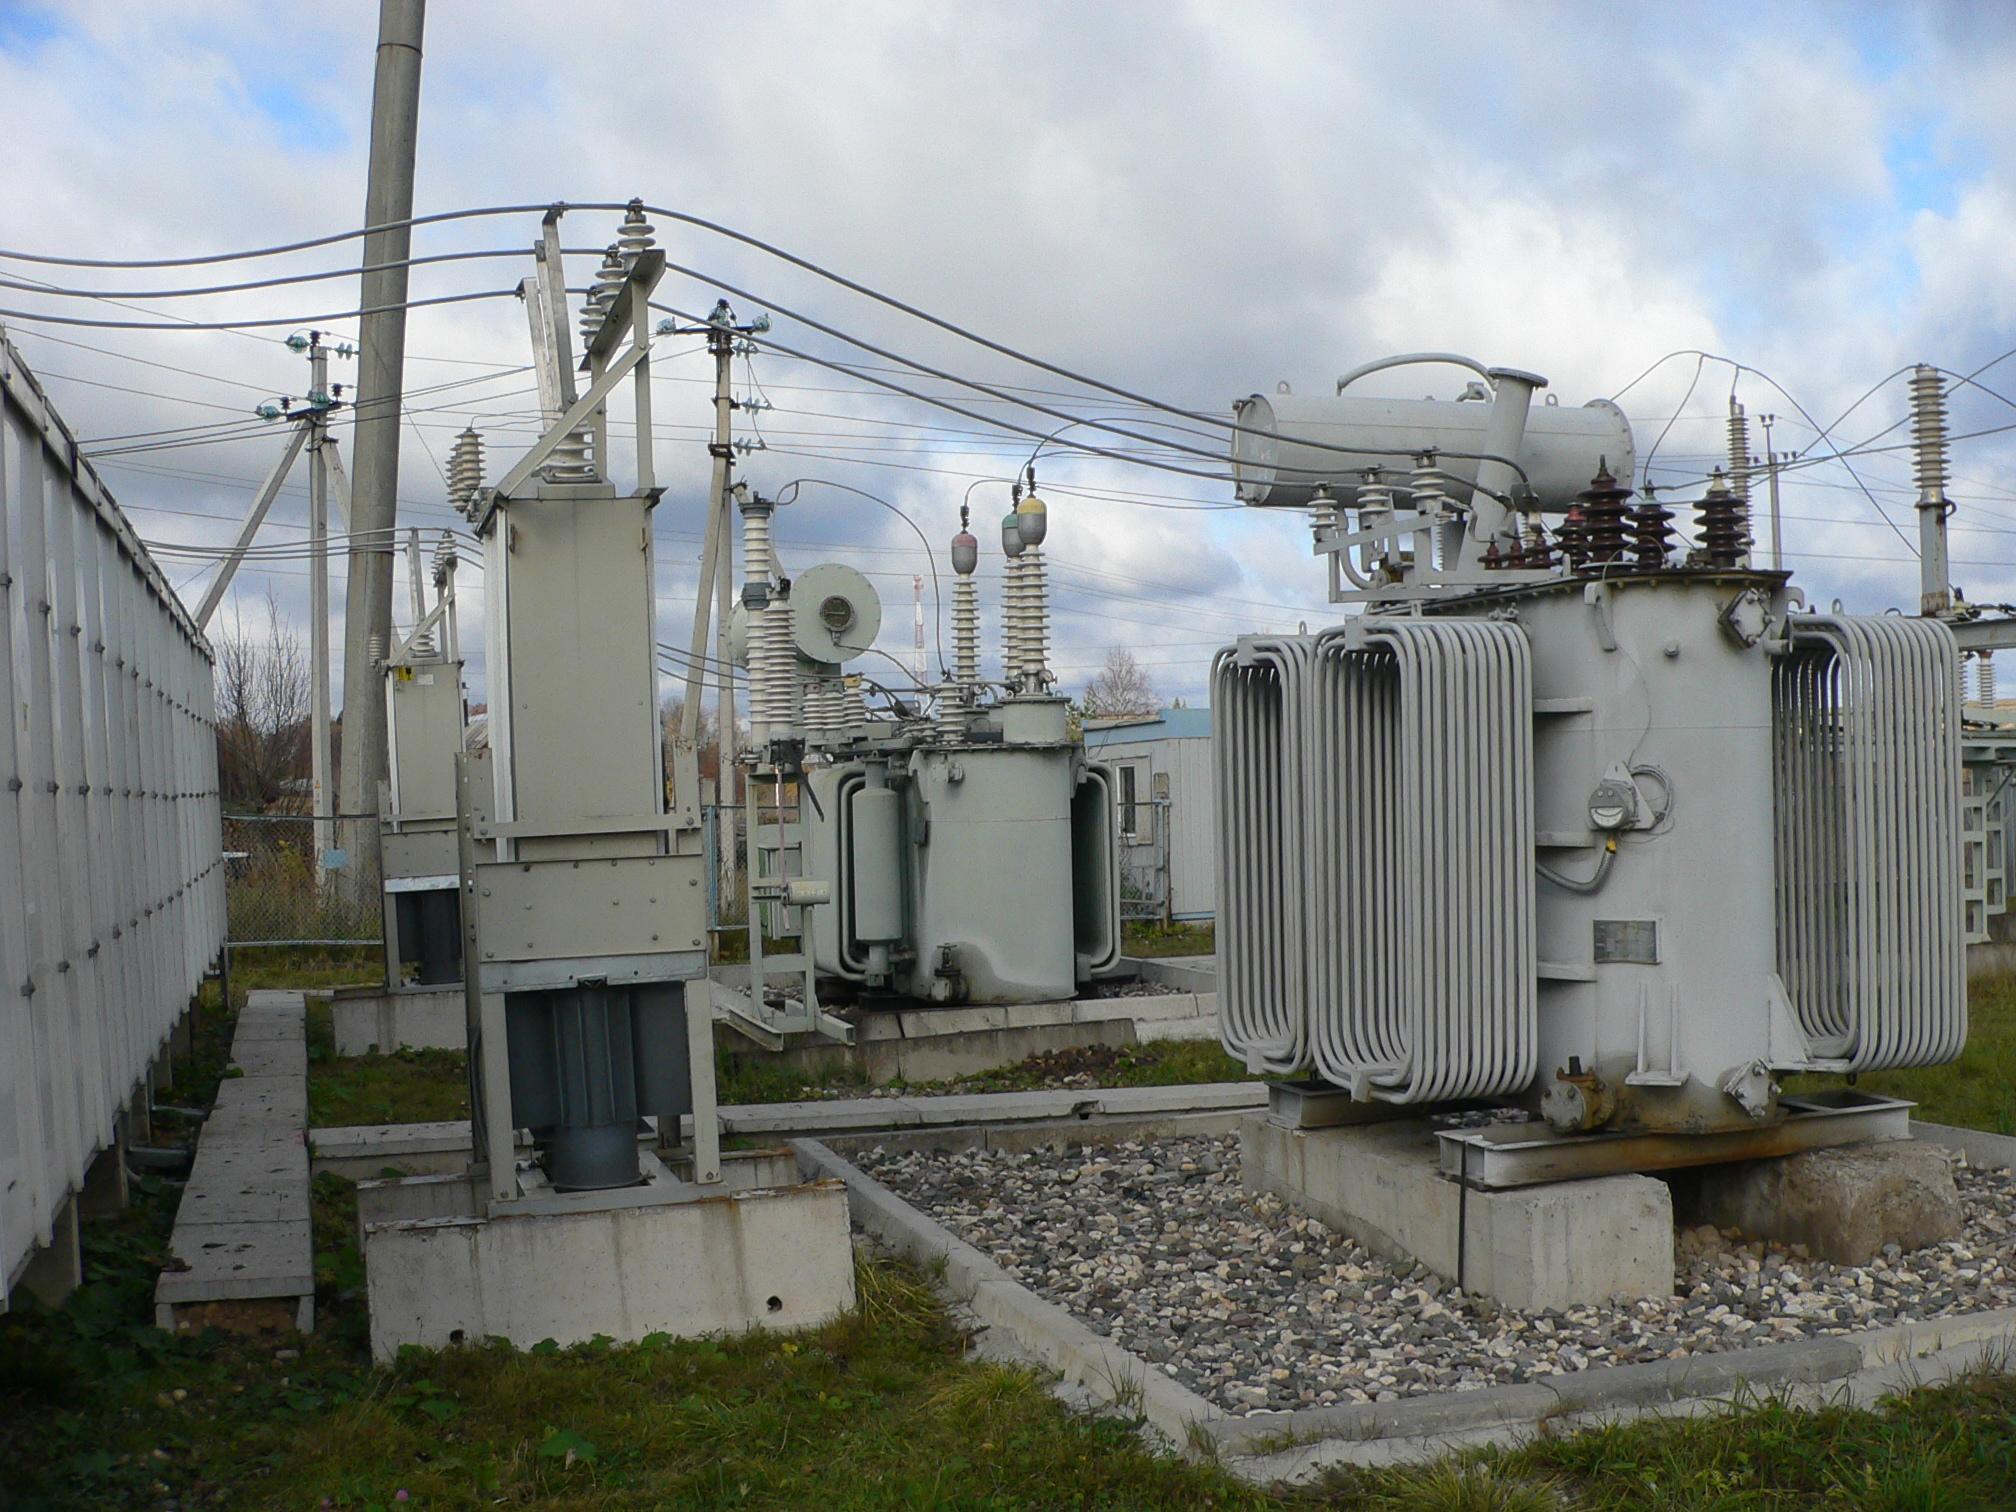 «Вологдаэнерго» завершил реконструкцию подстанции 110 кВ «Ананьино» для подключения «Вологодского мороженого»